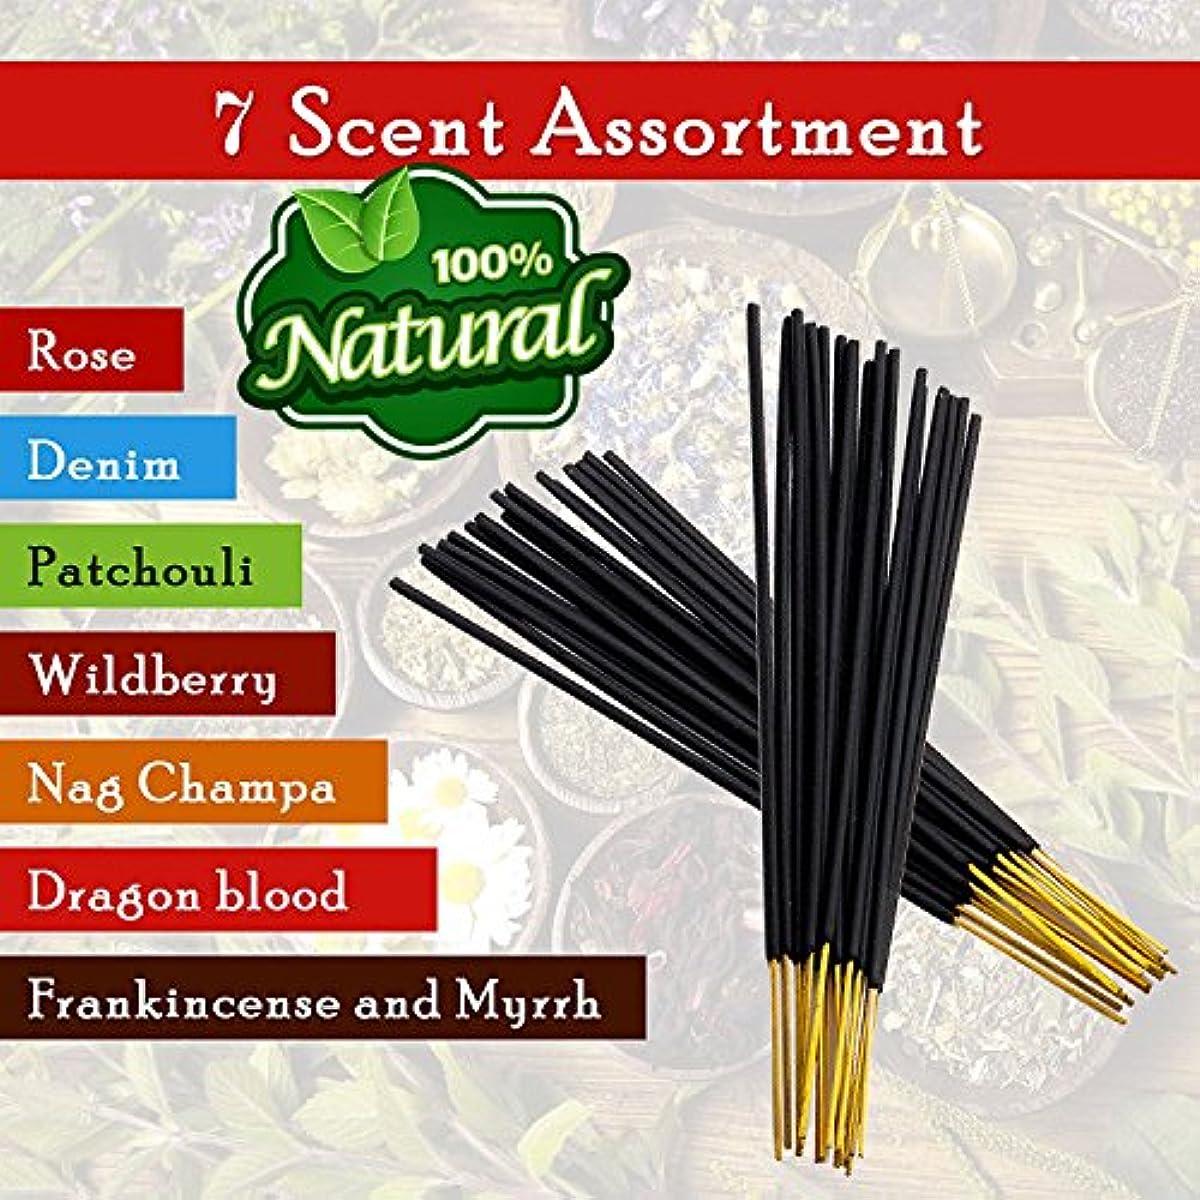 タップ請願者学部長7-assorted-scents-Frankincense-and-Myrrh-Patchouli-Denim-Rose Dragon-blood-Nag-champa-Wildberry 100%-Natural-Incense-Sticks...